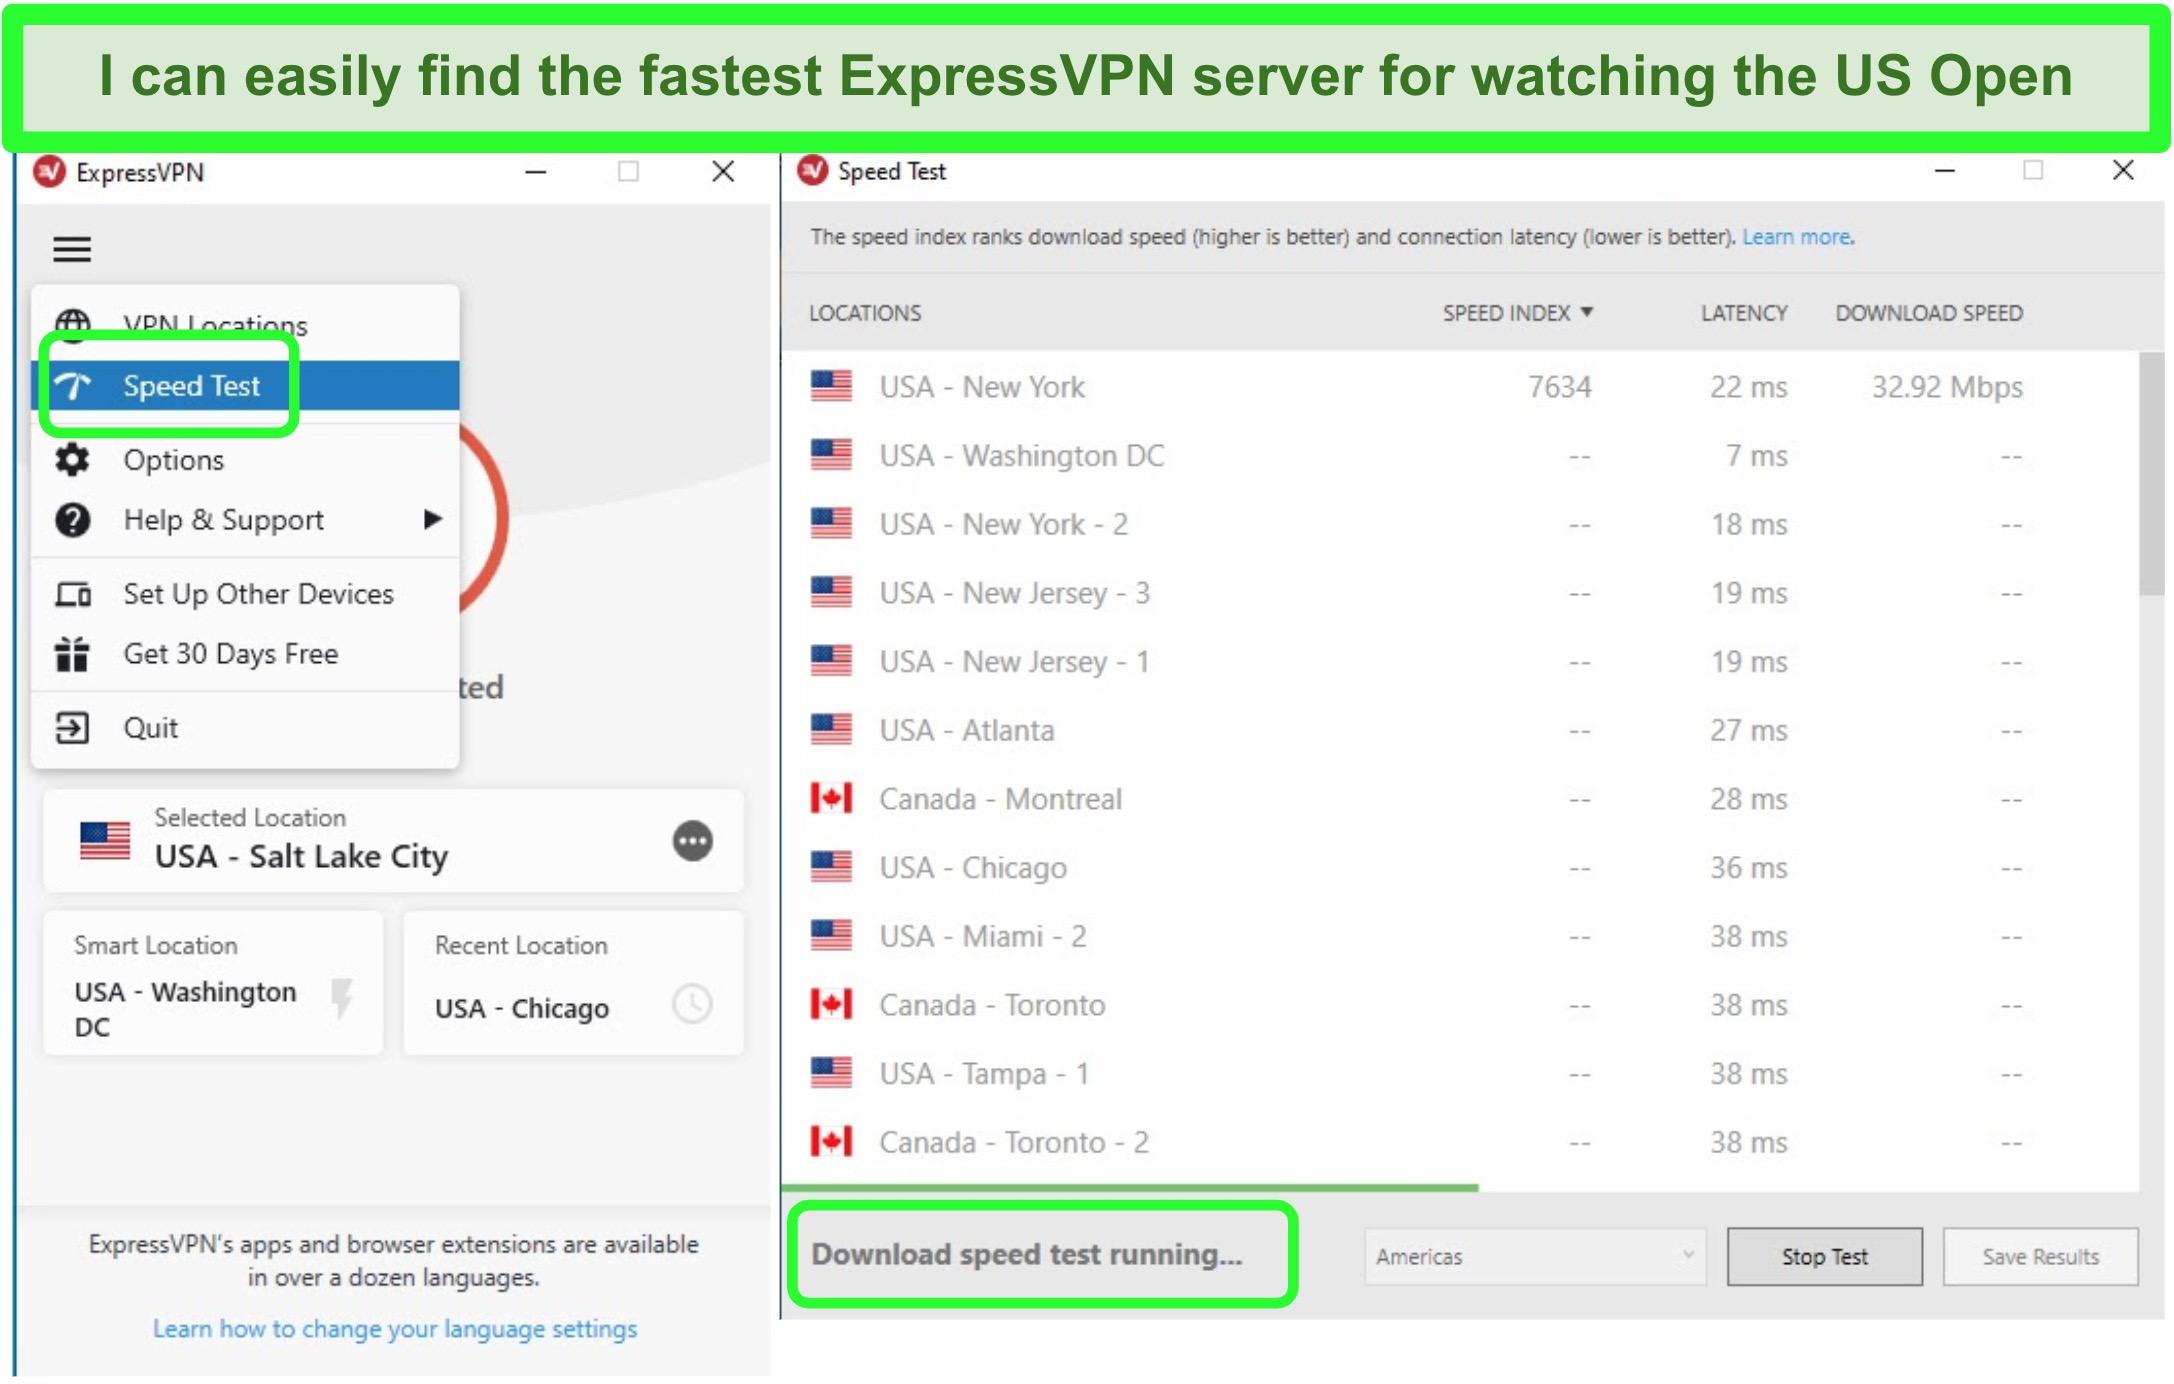 Screenshot of ExpressVPN's built-in speed test feature